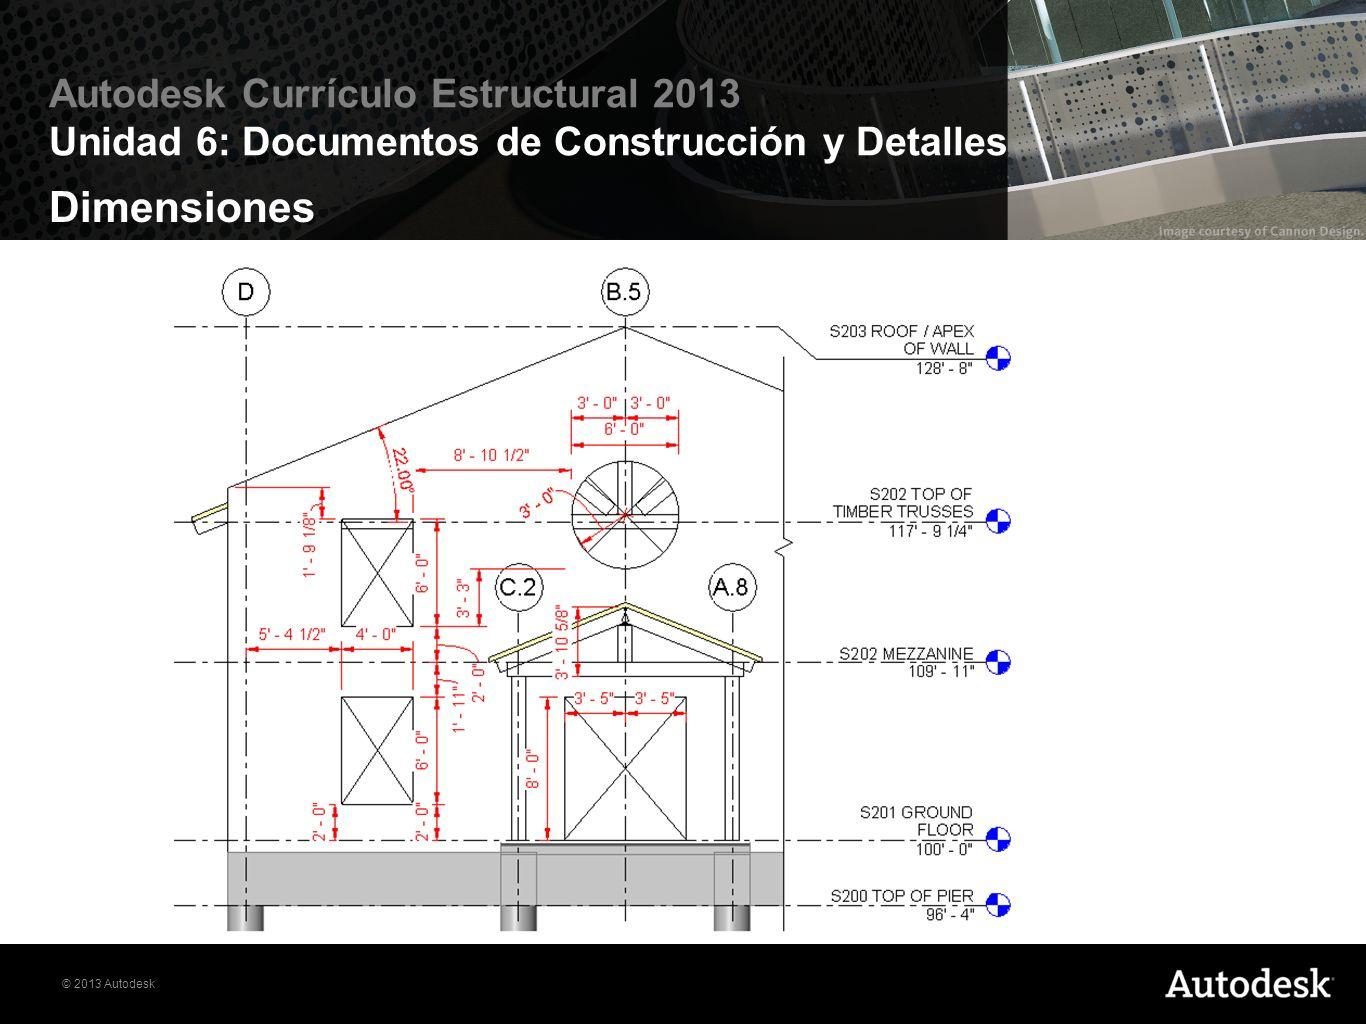 © 2010 Autodesk Autodesk Currículo Estructural 2013 Unidad 6: Modelando para Estructuras de Edificación Ejercicio 6.1: Documentos de Construcción